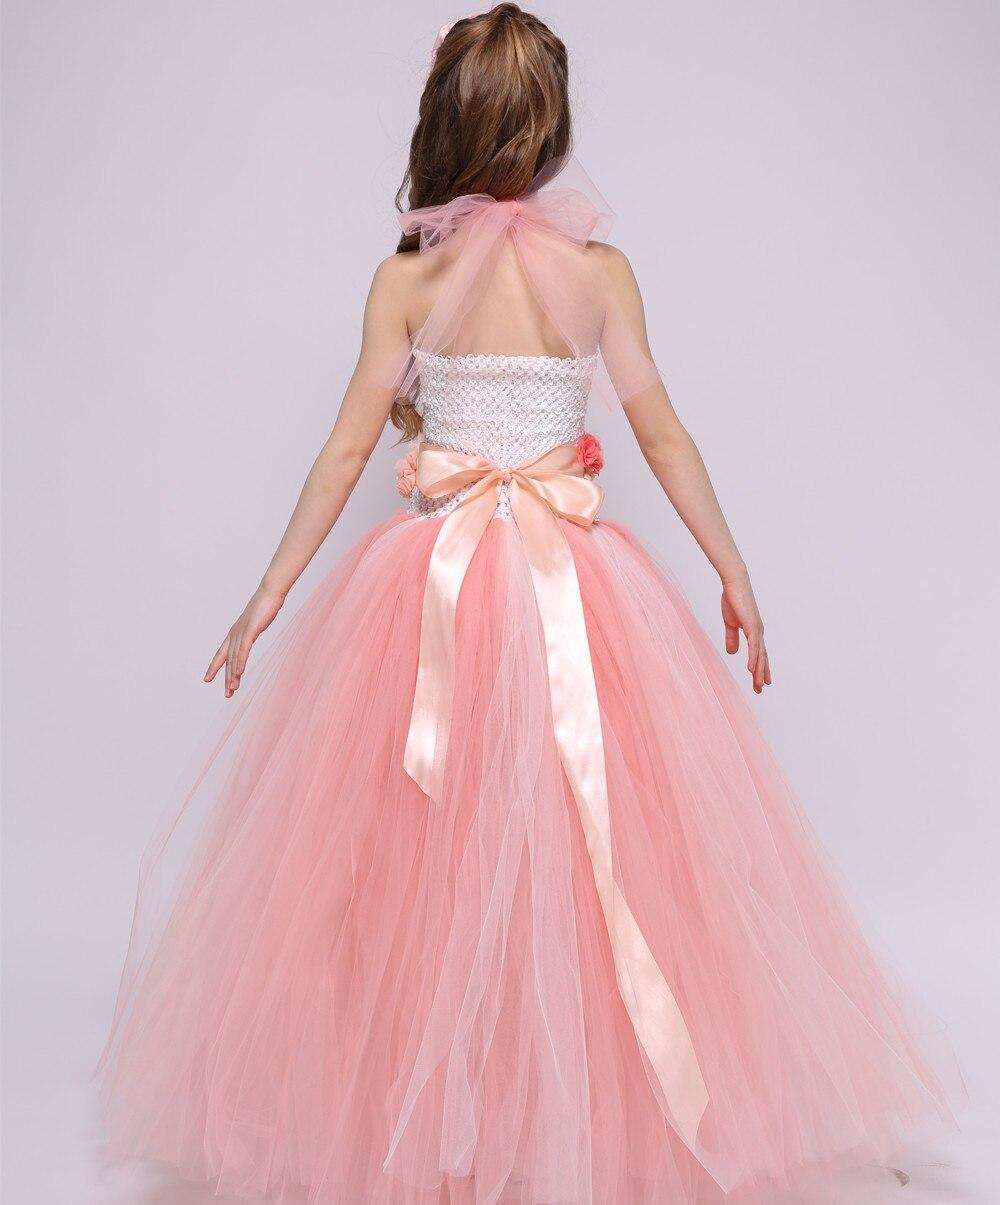 3d0630c78d98 Vestidos de niña vestido infantil 2018 Rosa verano niños ropa para niñas 3  9 años princesa fiesta vestidos de novia en Vestidos de Madre y niños en ...